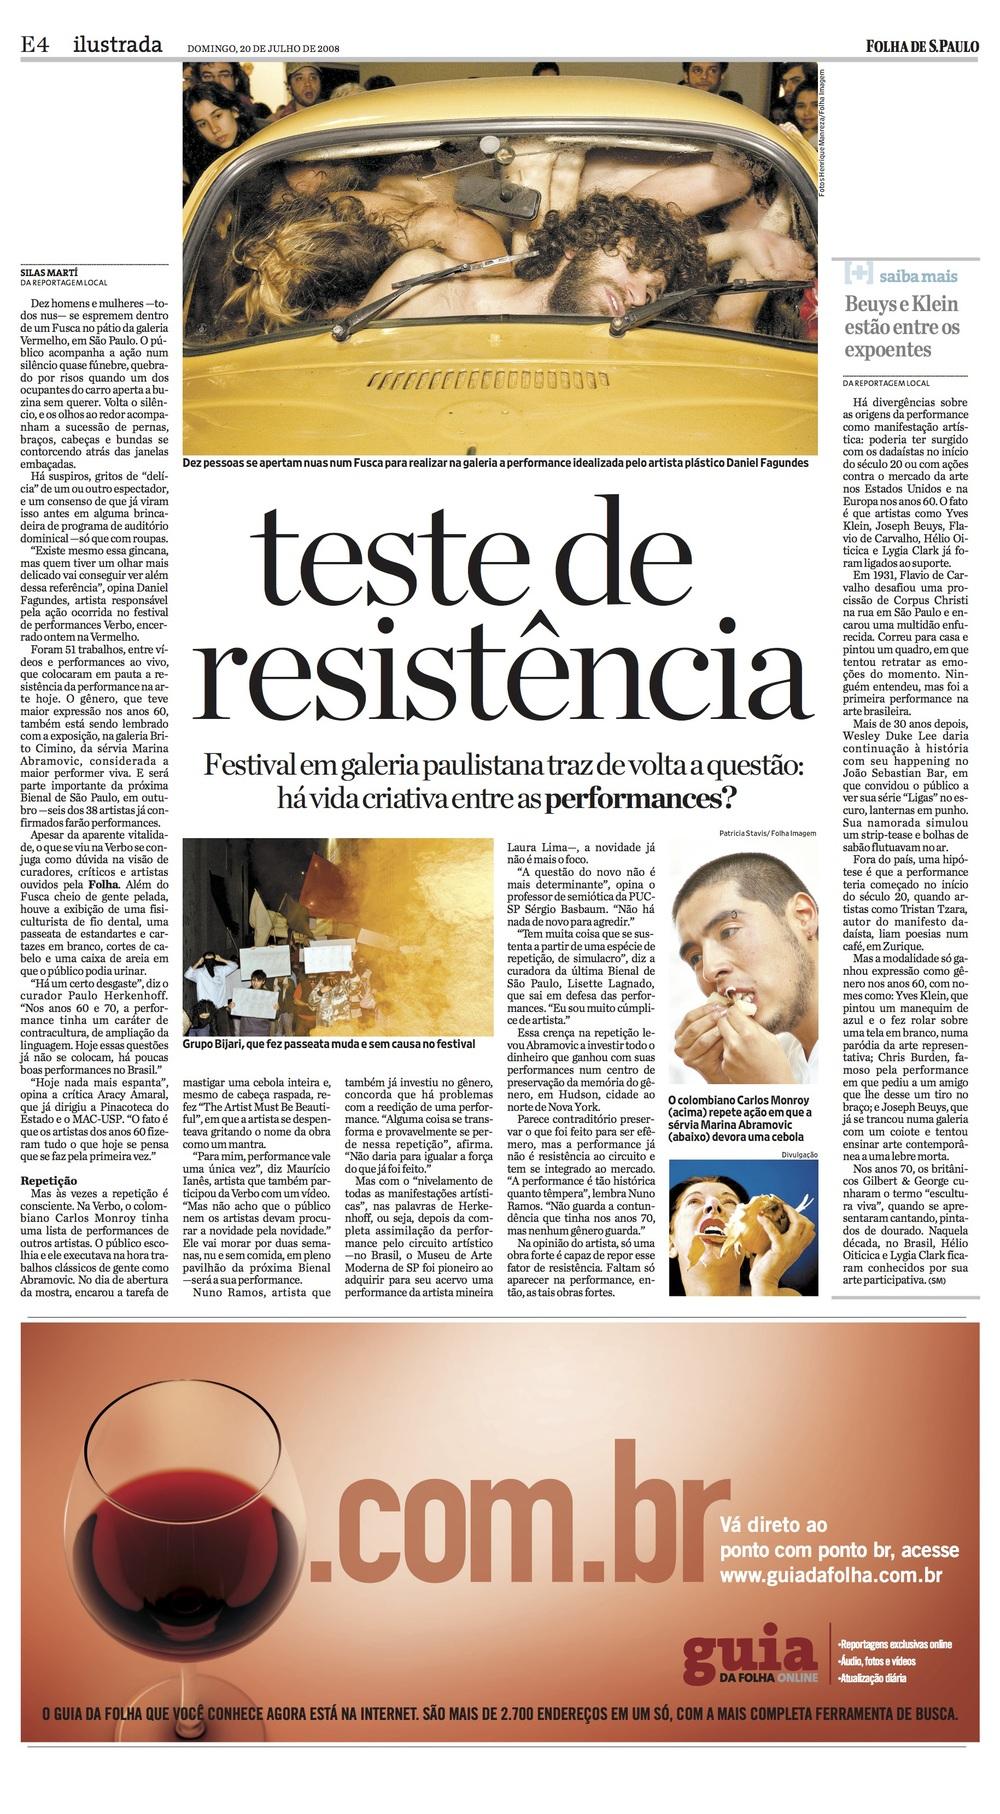 Verbo 2008 Folha de São Paulo 2.jpg